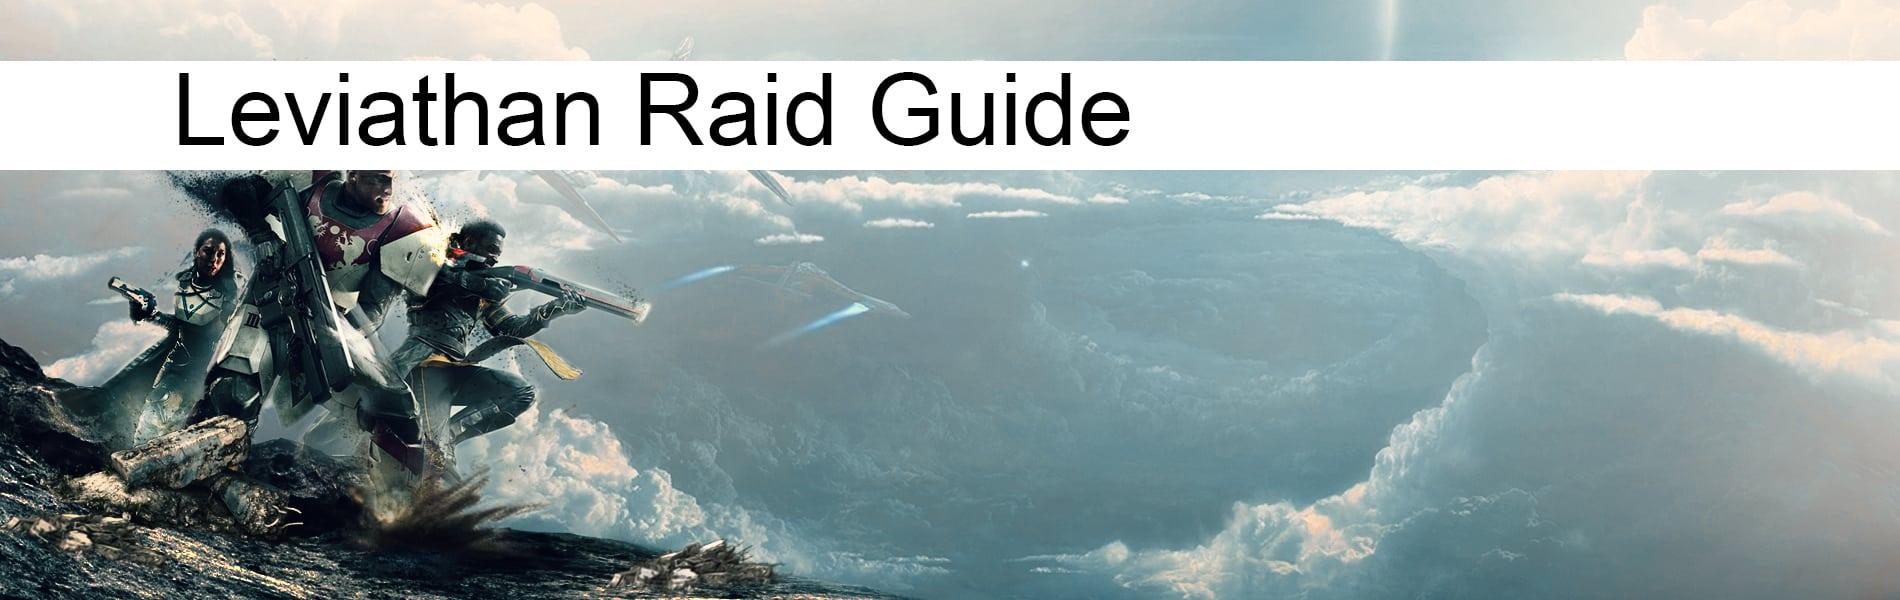 leviathan raid guide